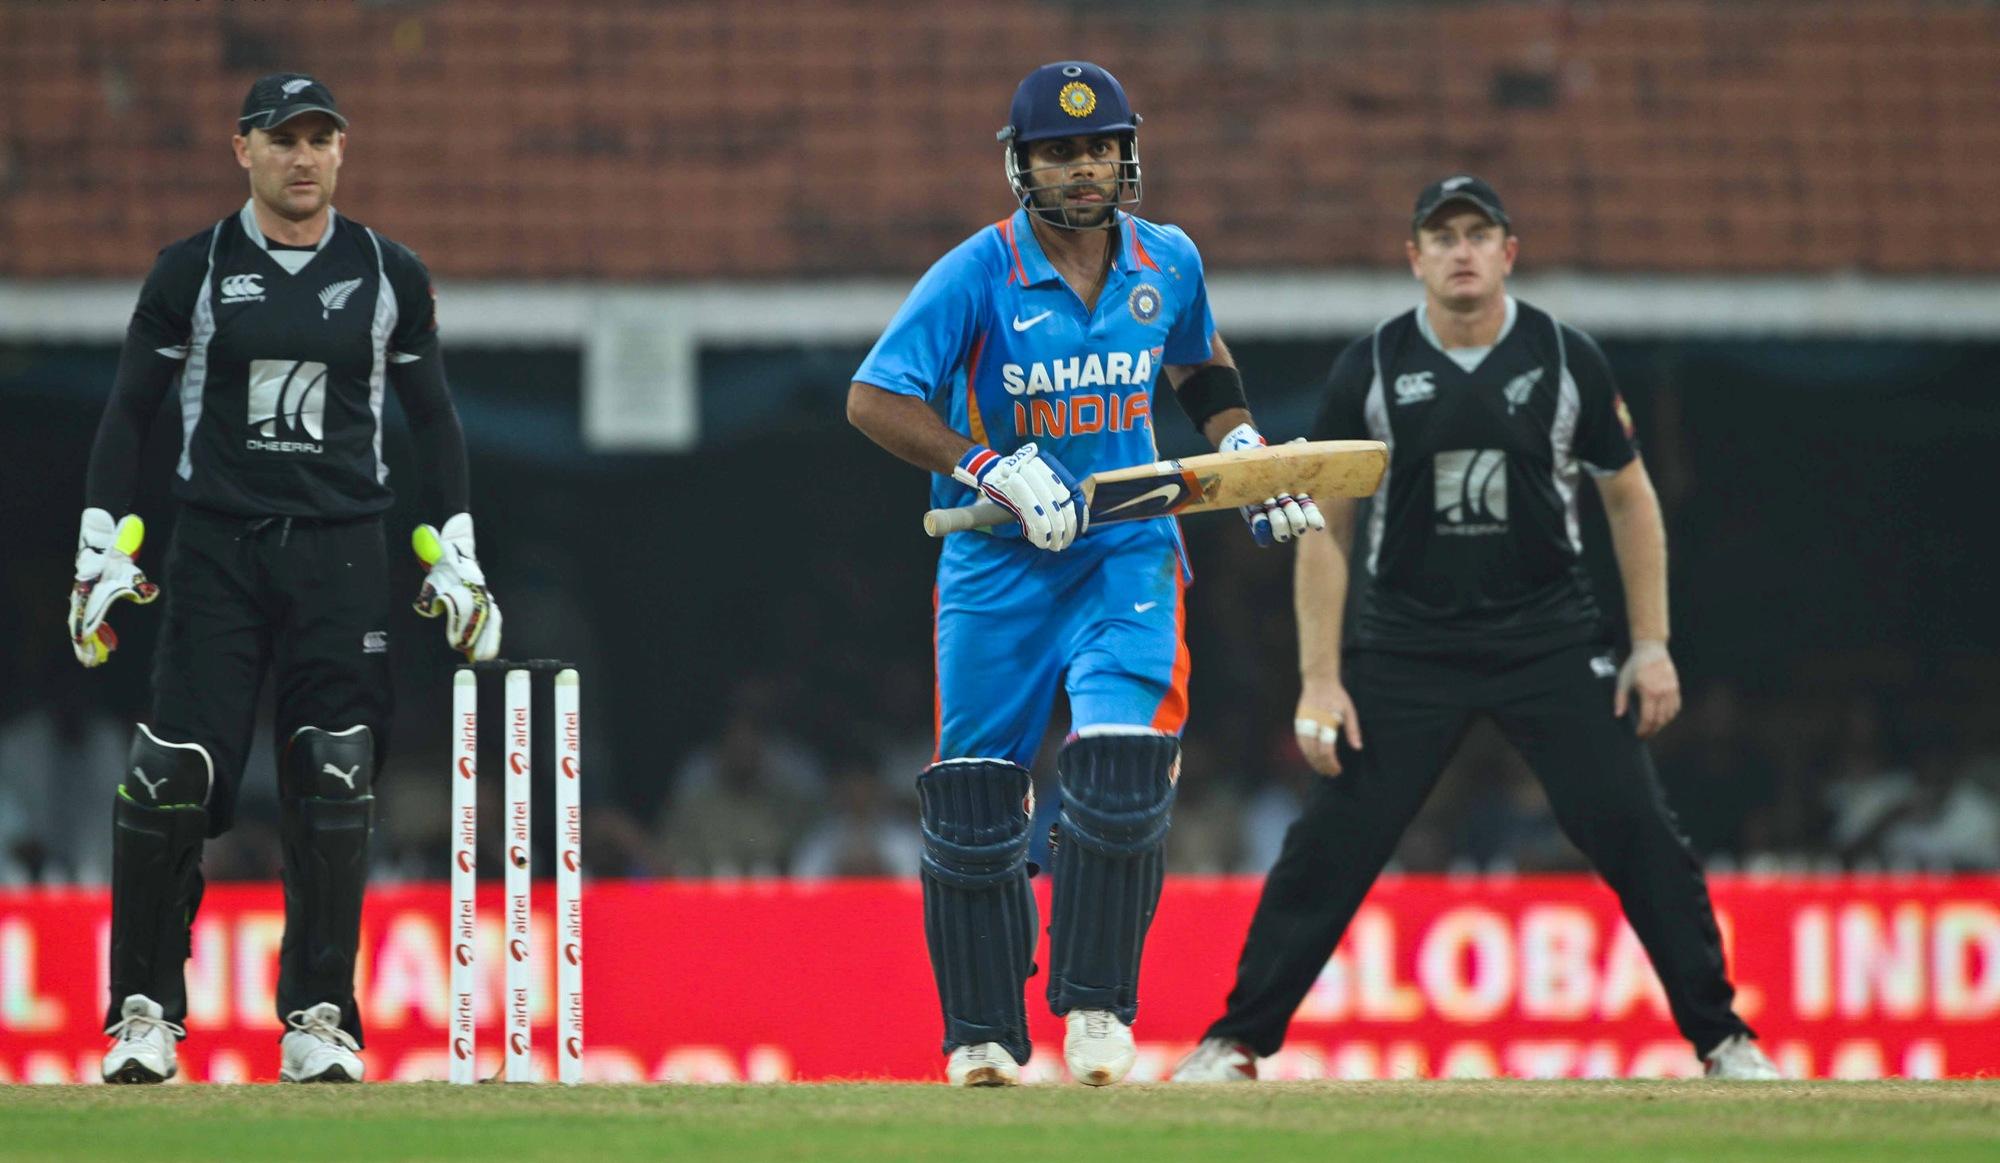 2c3381deb35 Kohli in sight of Tendulkar s ODI records